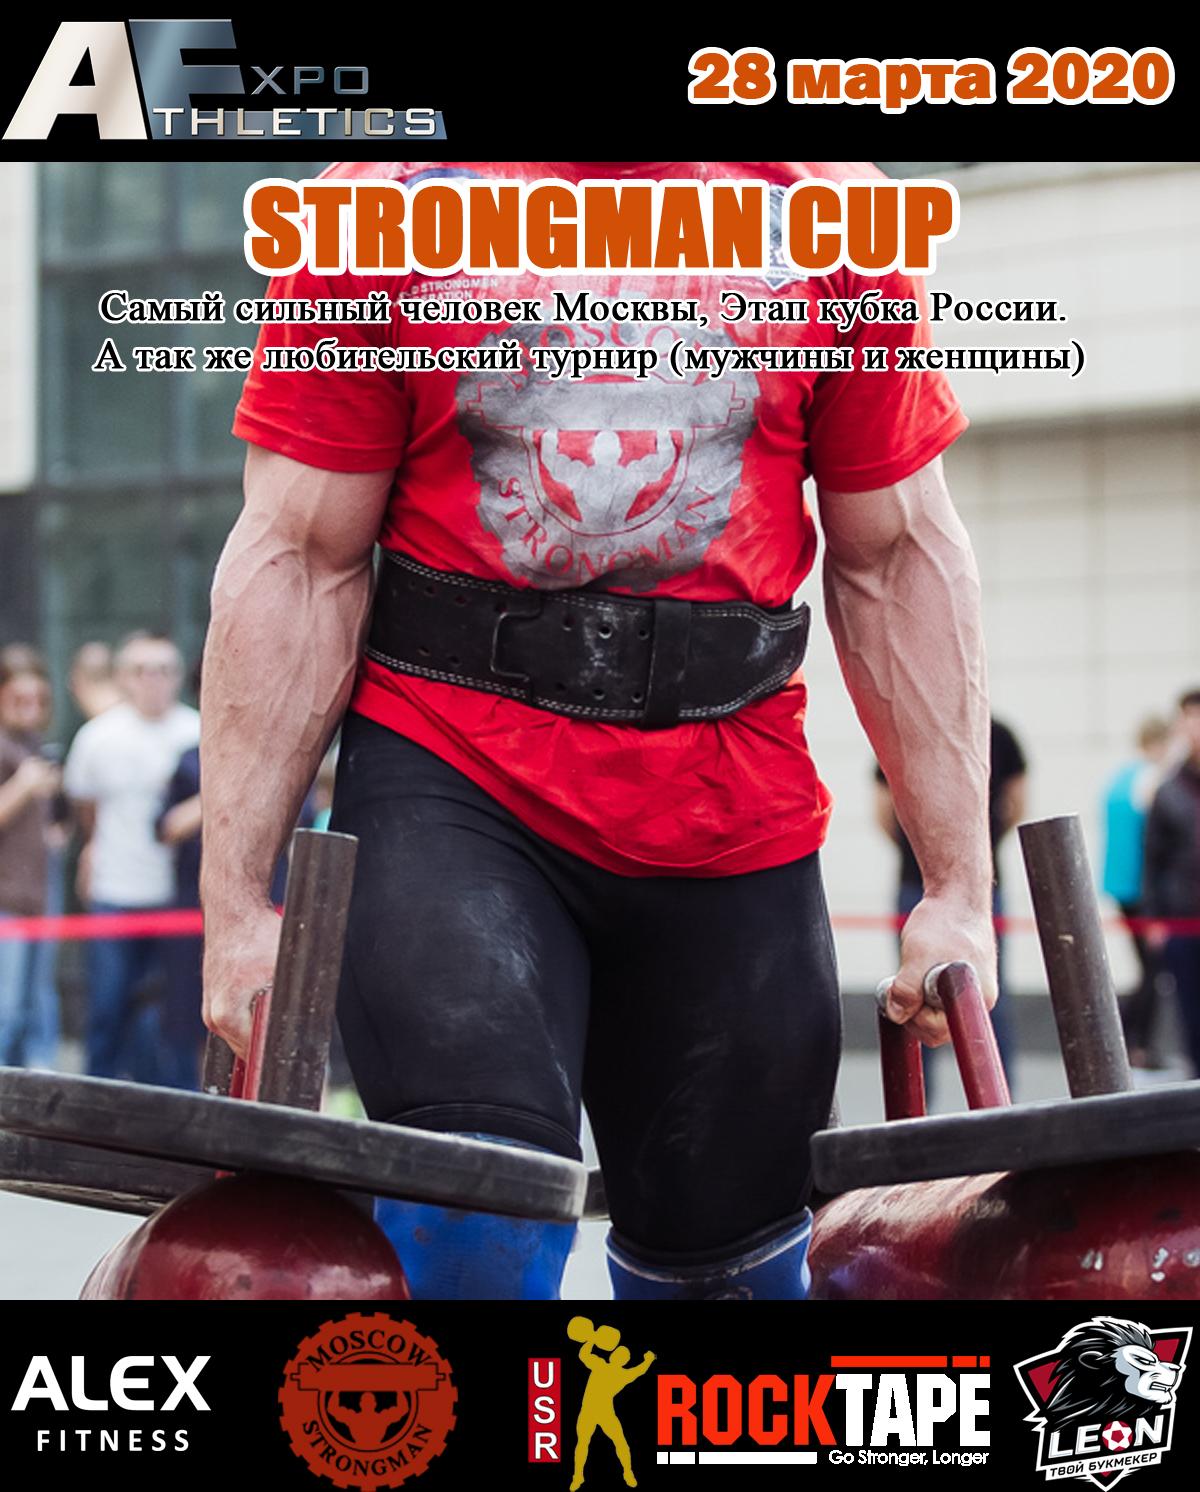 Strongman CUP ATHLETICSEXPO2020